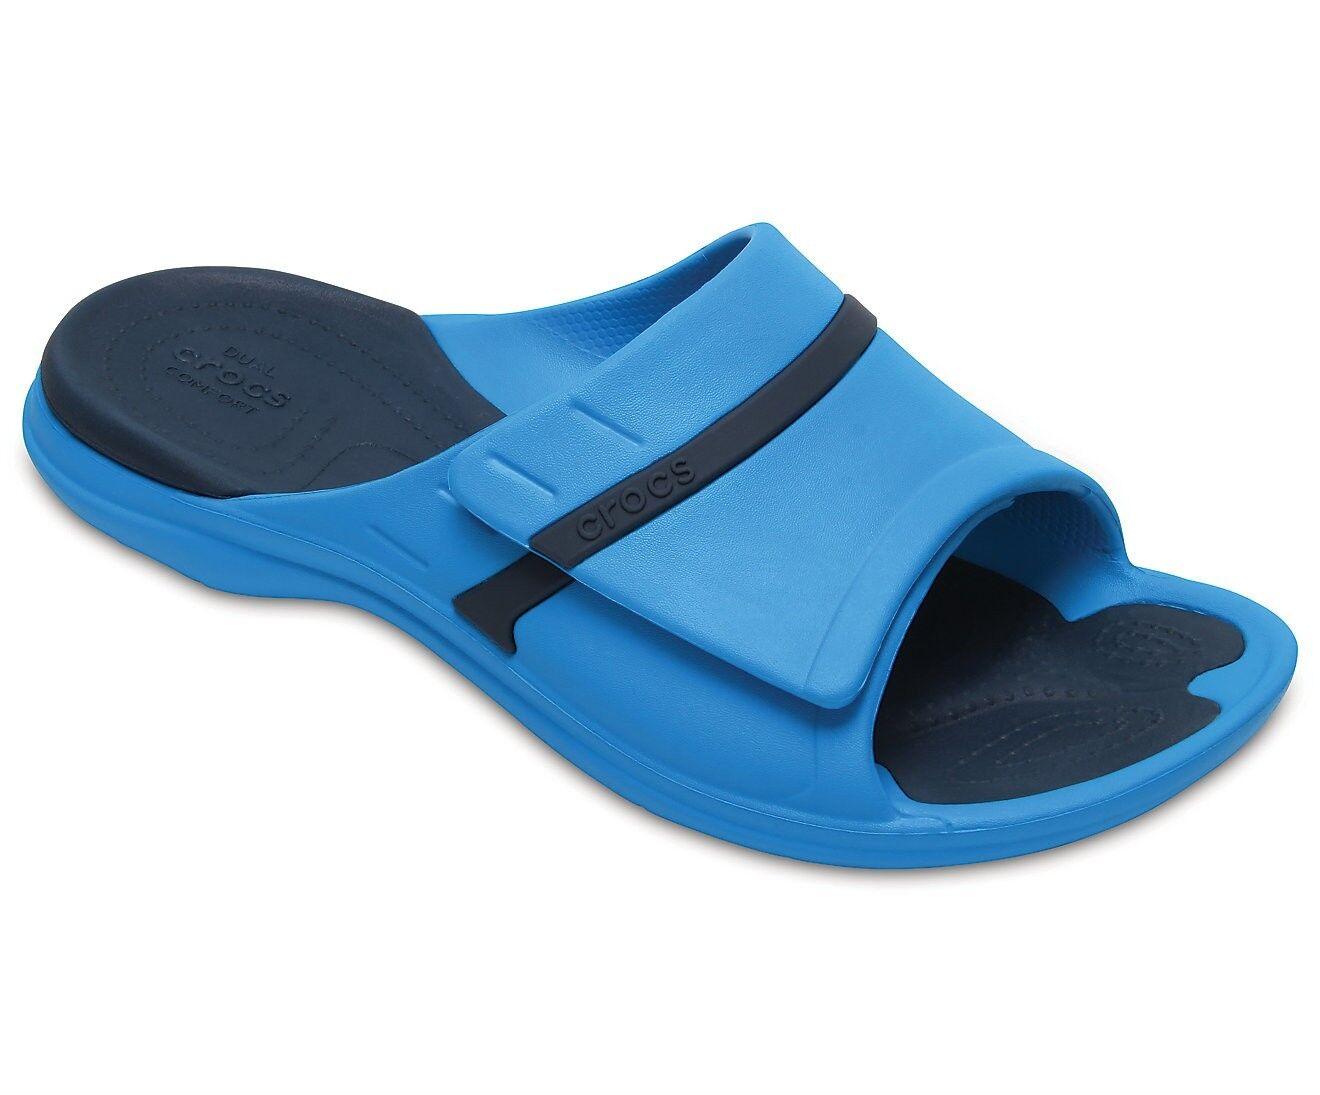 Crocs Unisex Modi Sport Slide Sandal, Ocean Navy